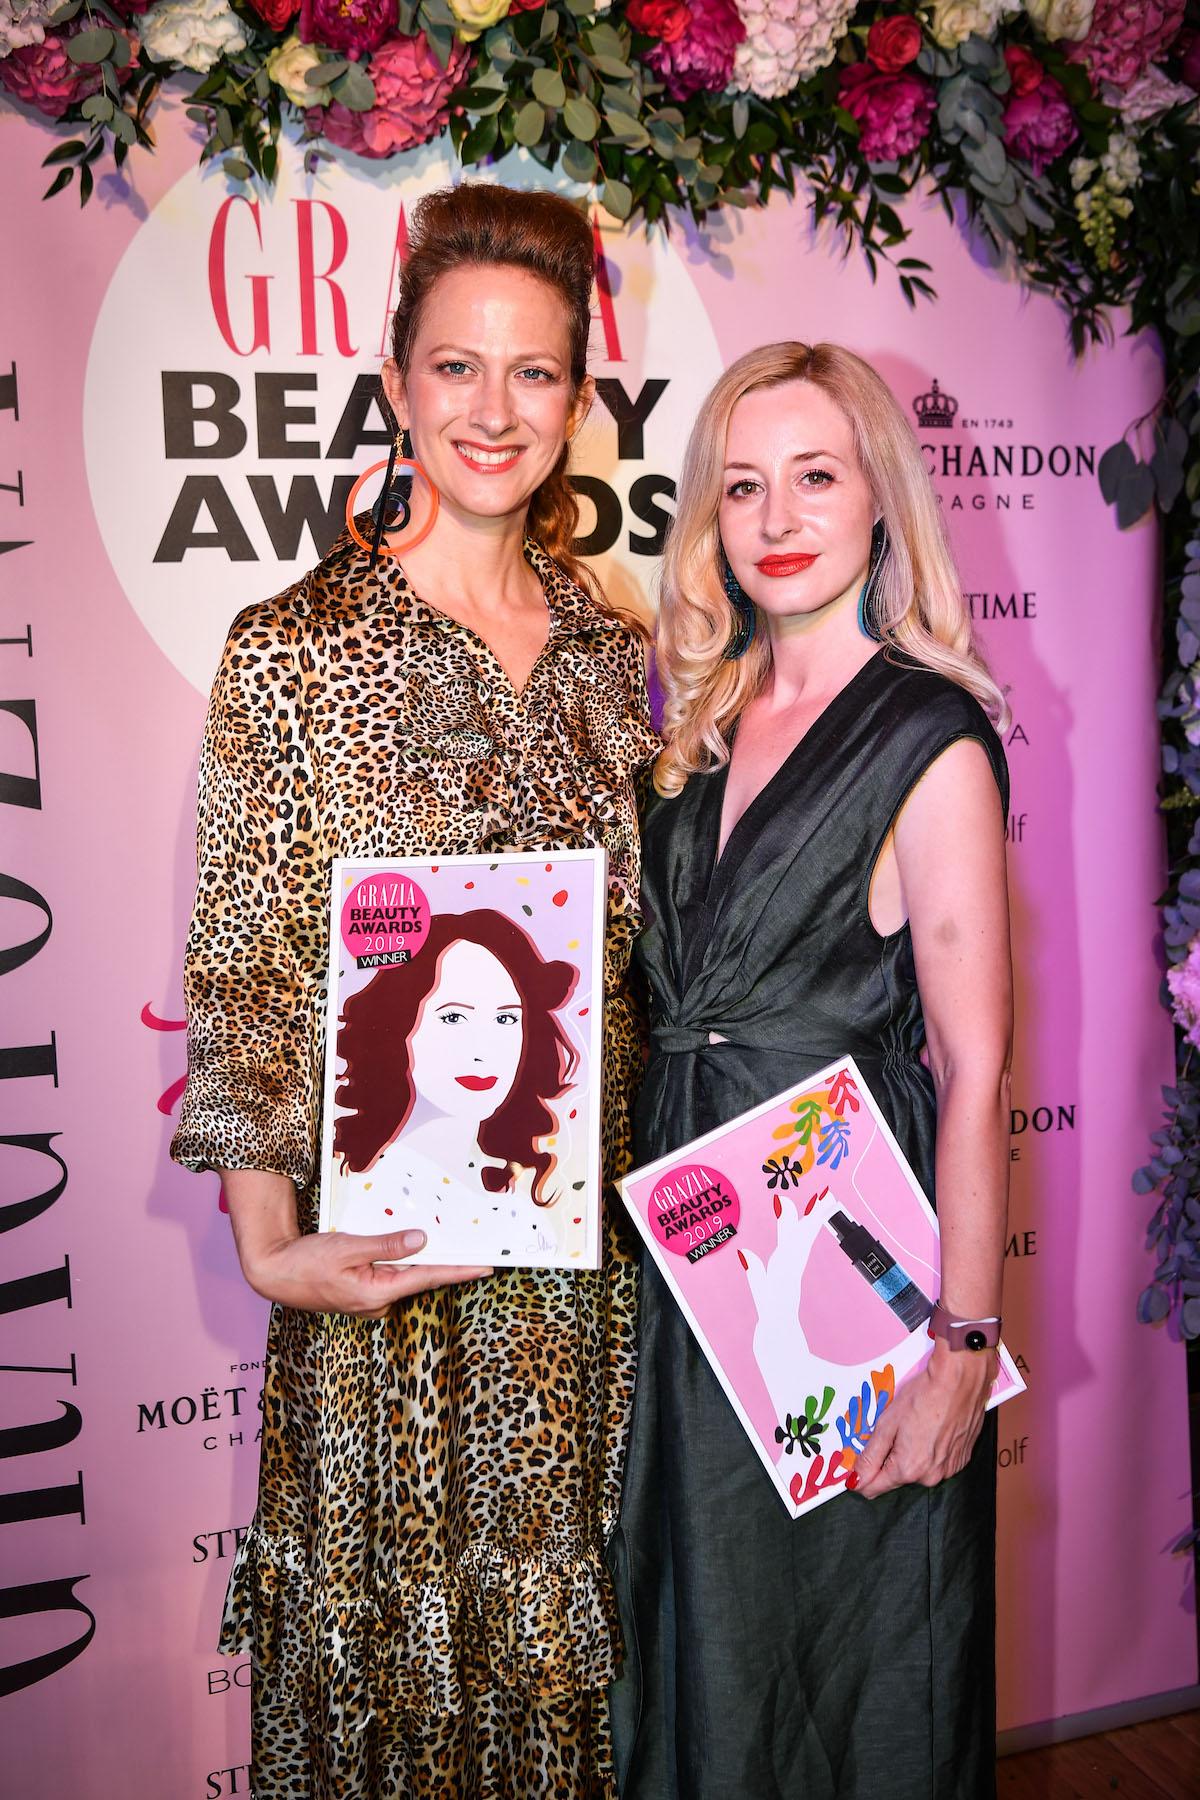 NIka veger naj lepotna blogerka Grazia_Awards_2019__beautyfull blog